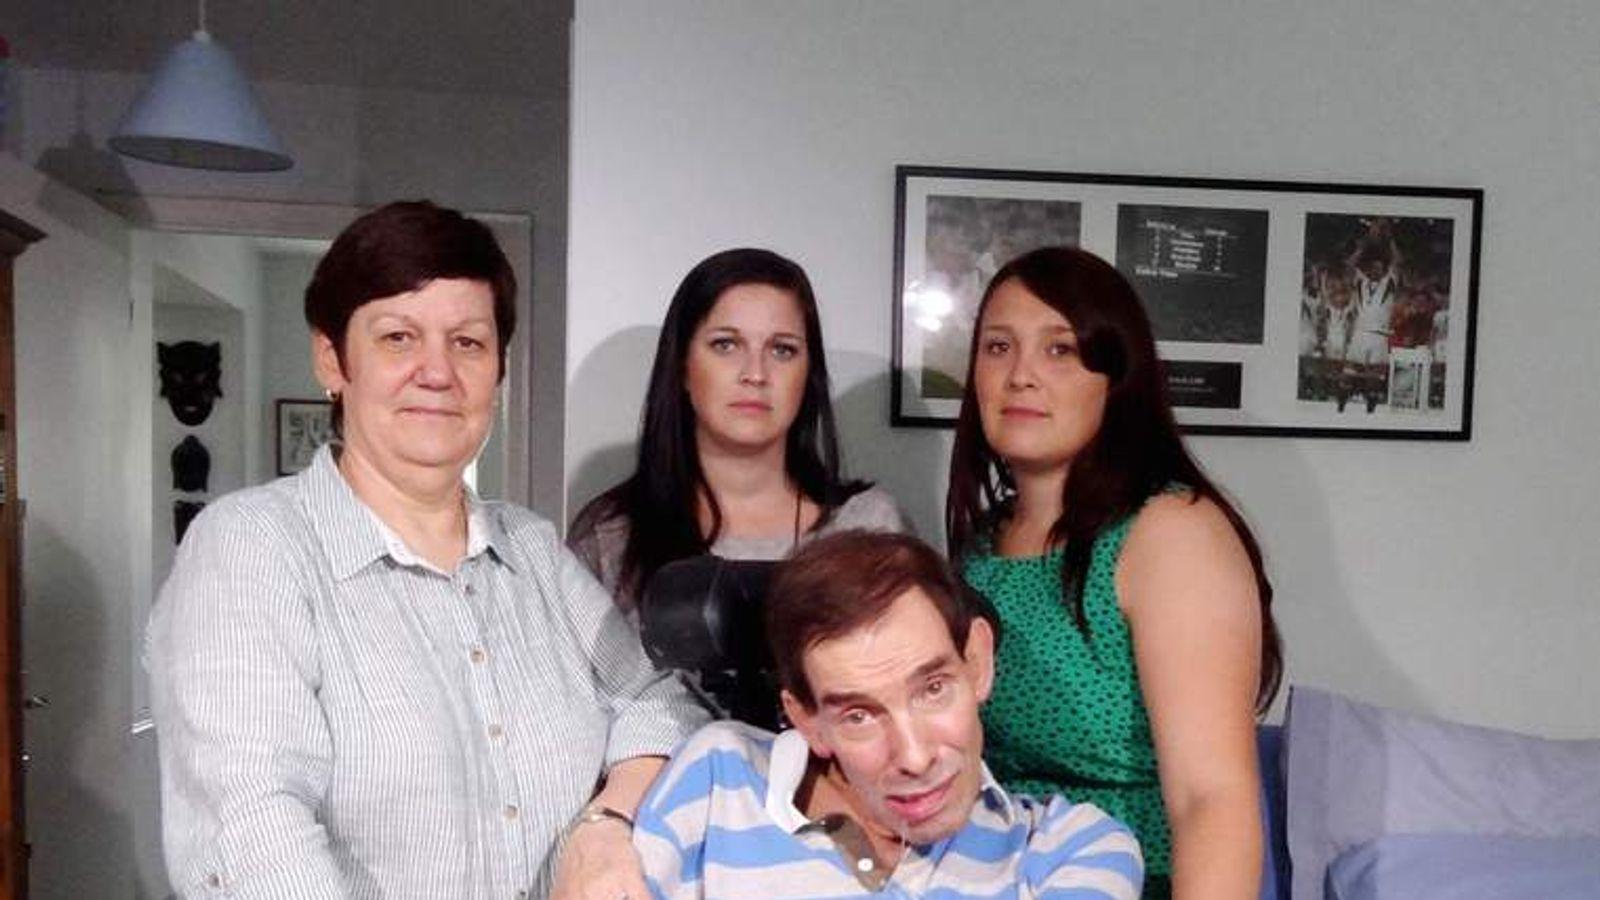 Tony Nicklinson with family